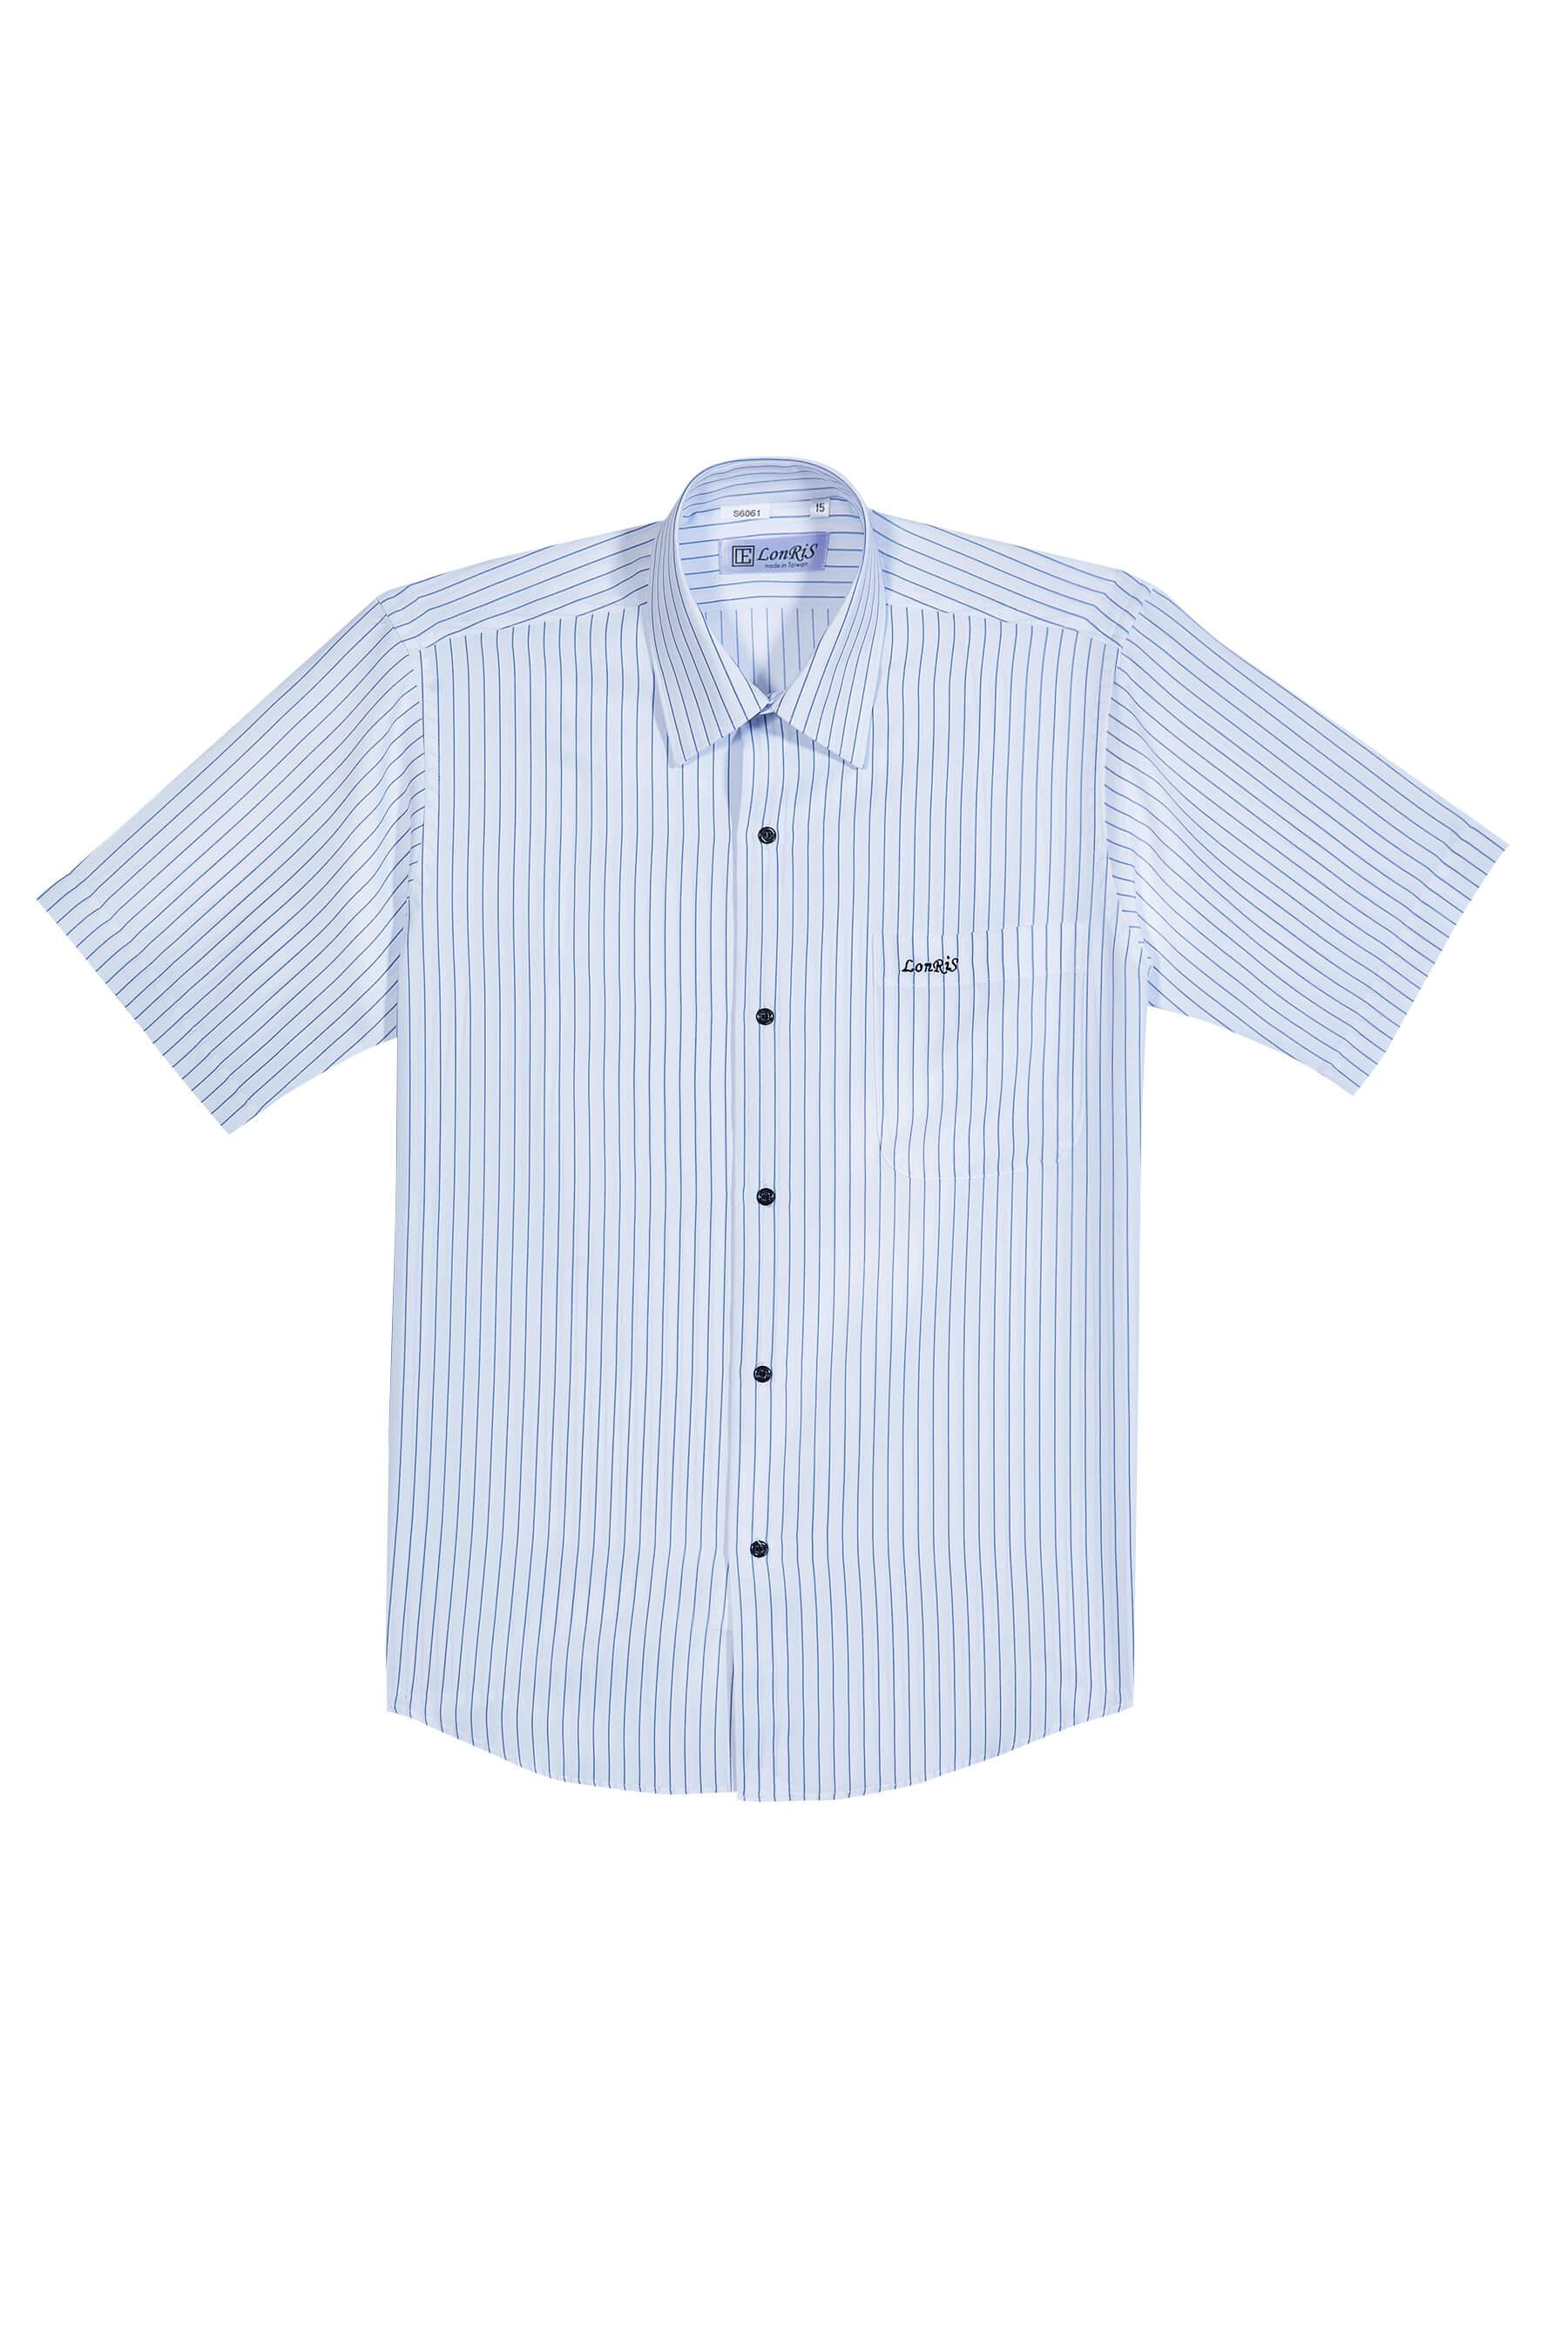 黑藍條紋短袖襯衫/抗皺 吸濕排汗